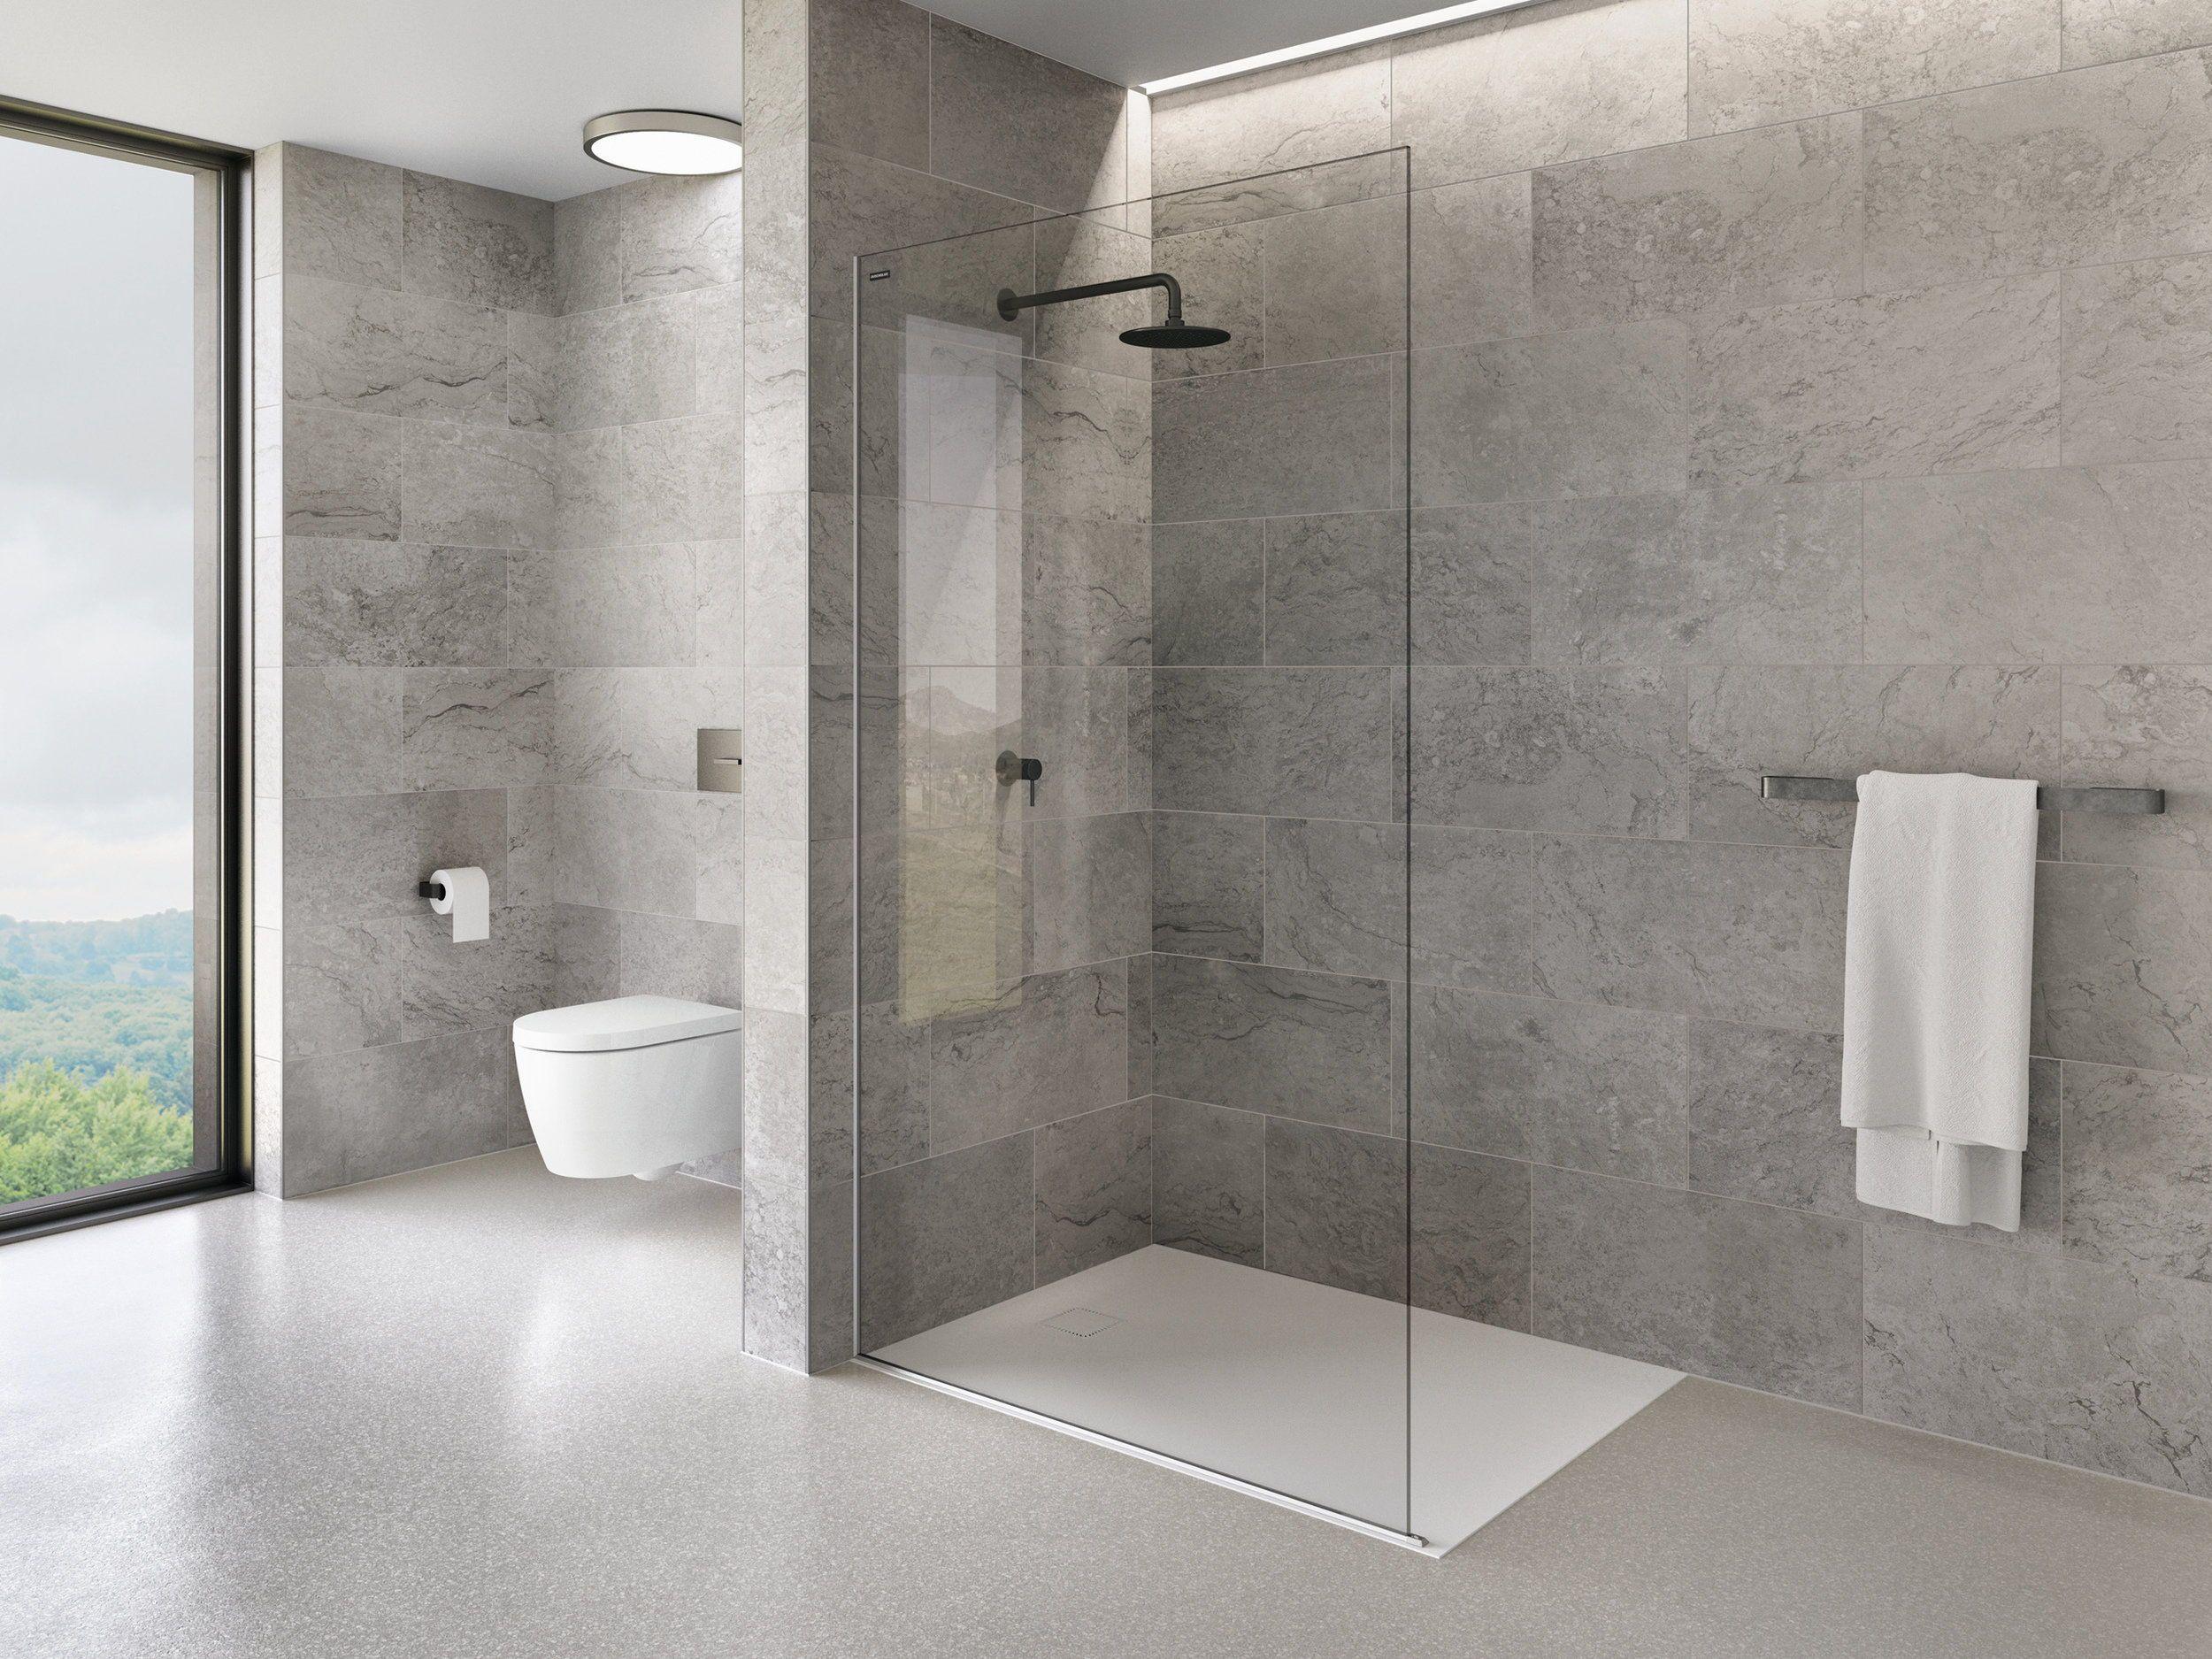 Finde Jetzt Dein Traumbad Wertvolle Tipps Von Der Planung Bis Zur Umsetzung Badezimmer Innenausstattung Badezimmer Dekor Und Bad